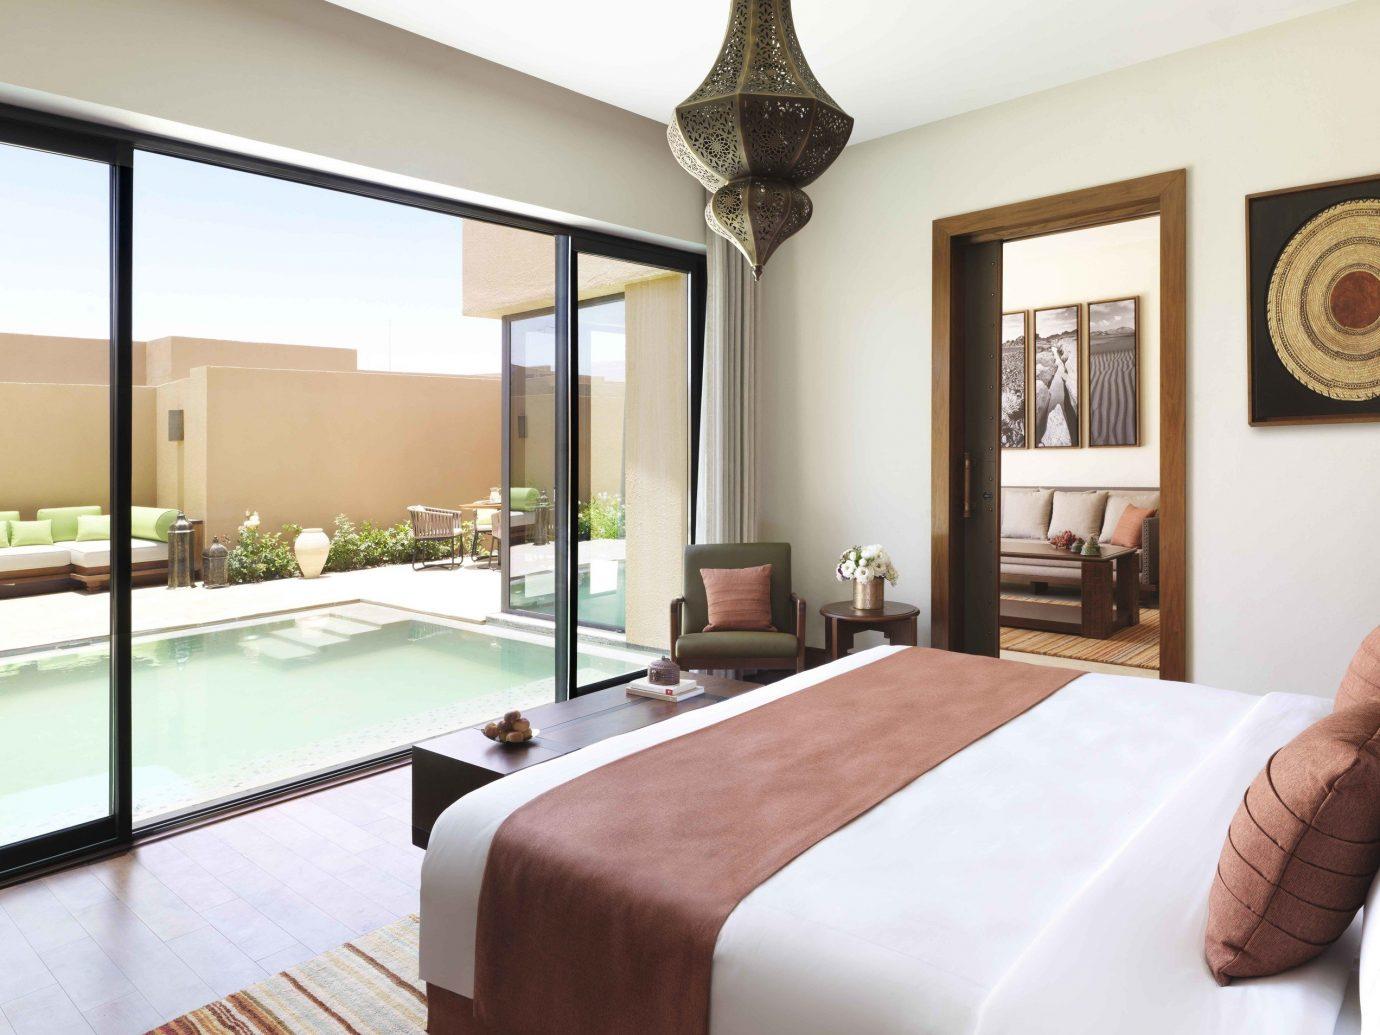 Hotels indoor wall room floor property window bed estate Bedroom Suite interior design real estate Villa hotel condominium Resort furniture flat